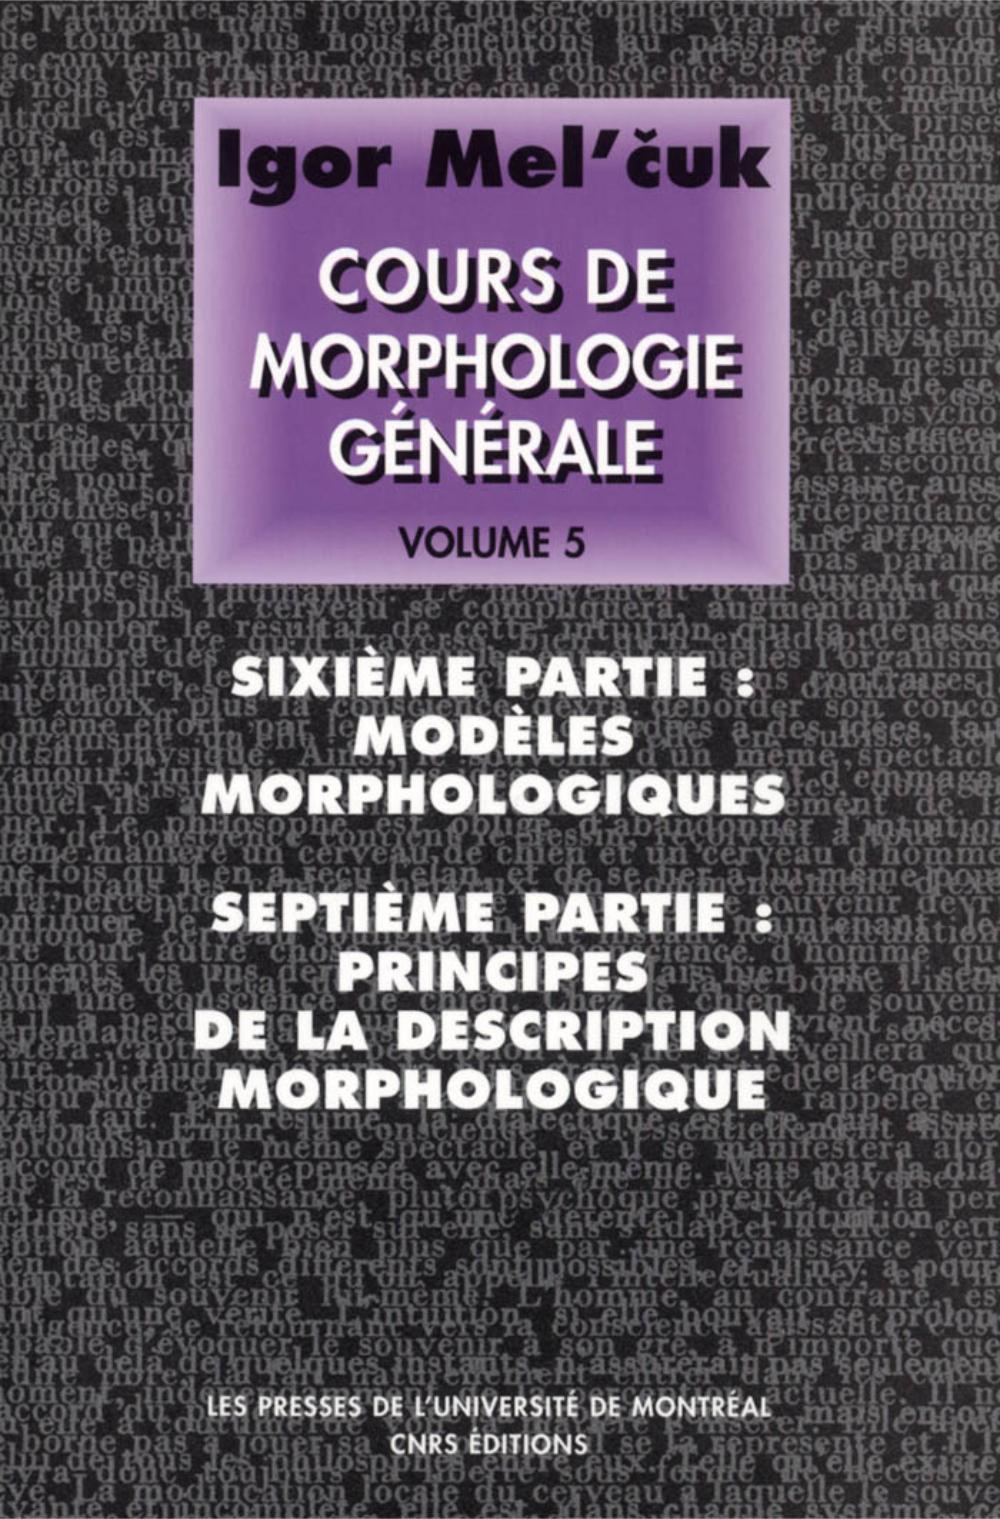 COURS DE MORPHOLOGIE GENERALE. VOLUME V